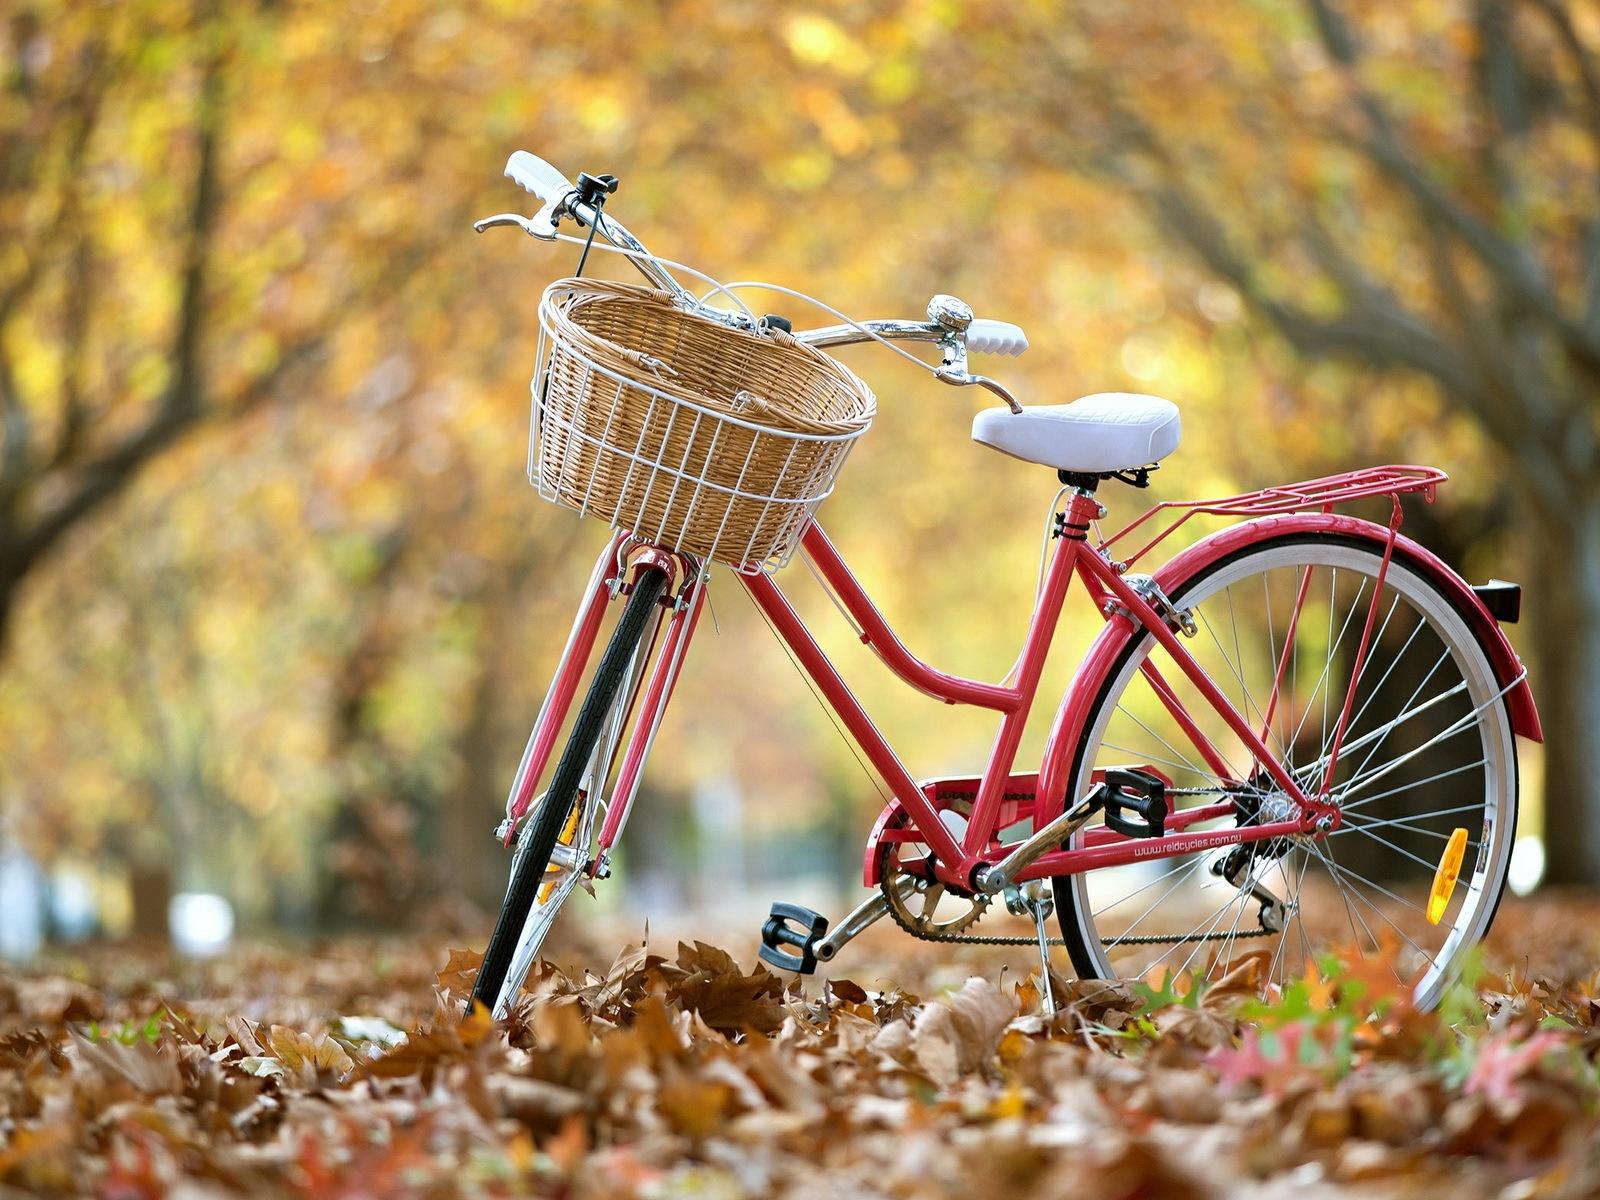 Straße Fahrrad, Herbst, Blätter 1920x1200 HD